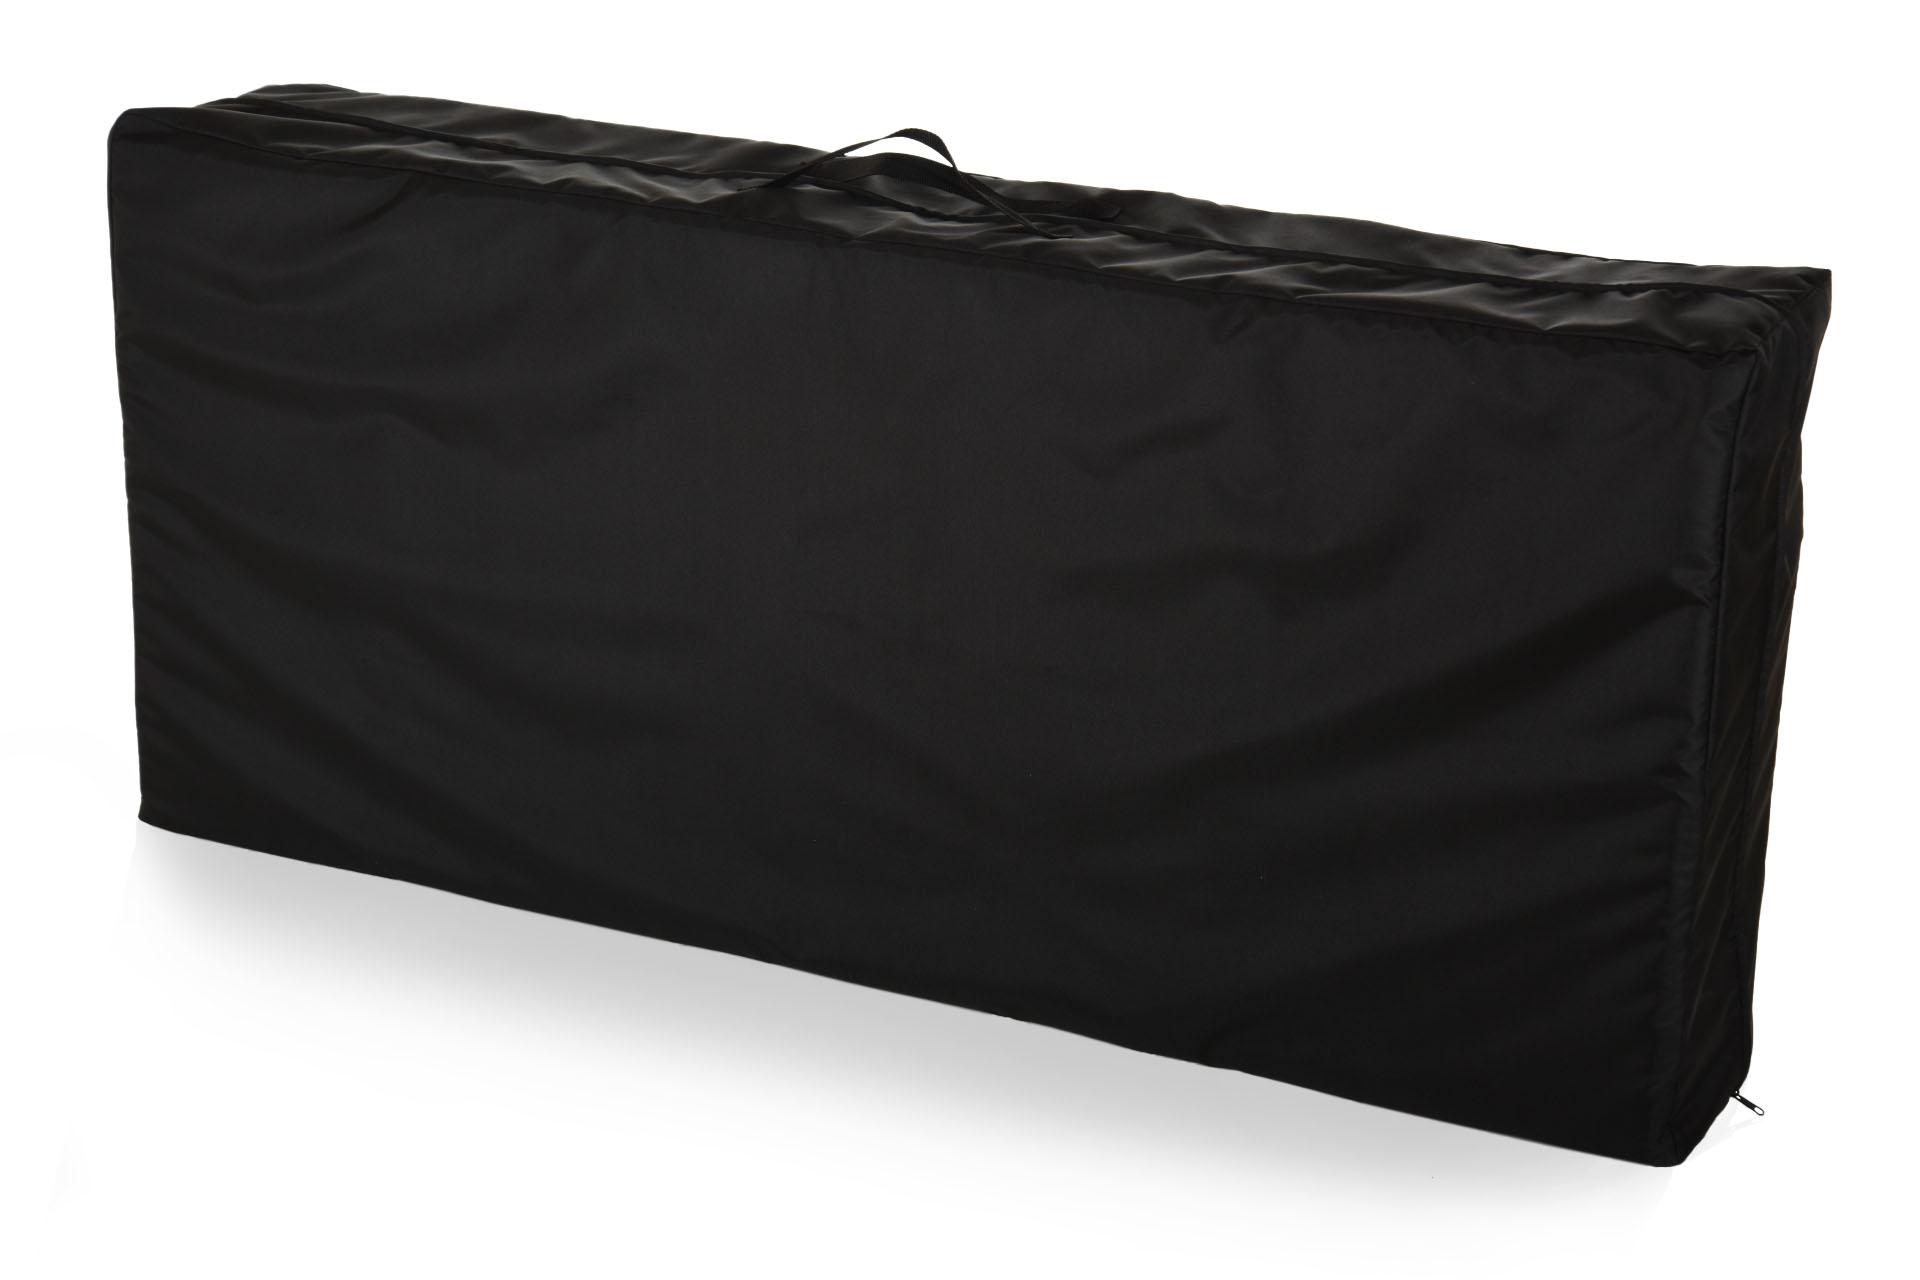 matratze vw t5 t6 schlafauflage bett klappmatratze. Black Bedroom Furniture Sets. Home Design Ideas